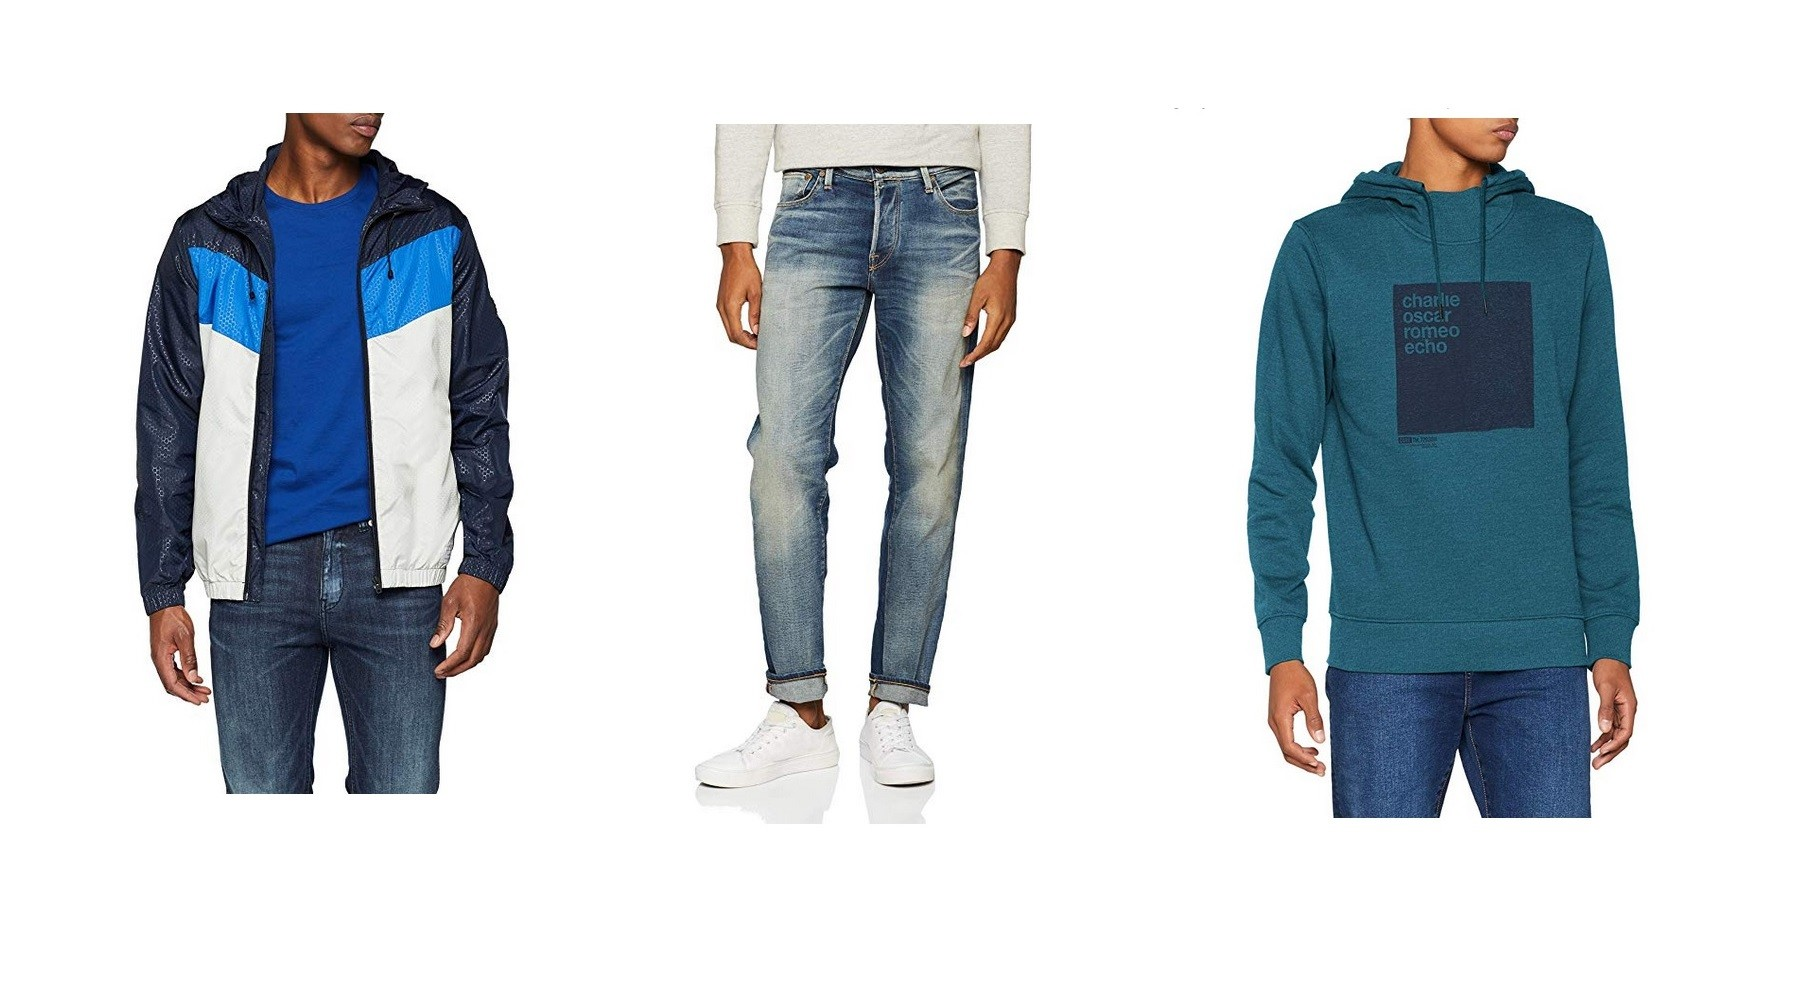 Rebajas de Jack Jones en Amazon  pantalones, chaquetas y sudaderas con  descuentos de más del 50% 4fb33f9c06